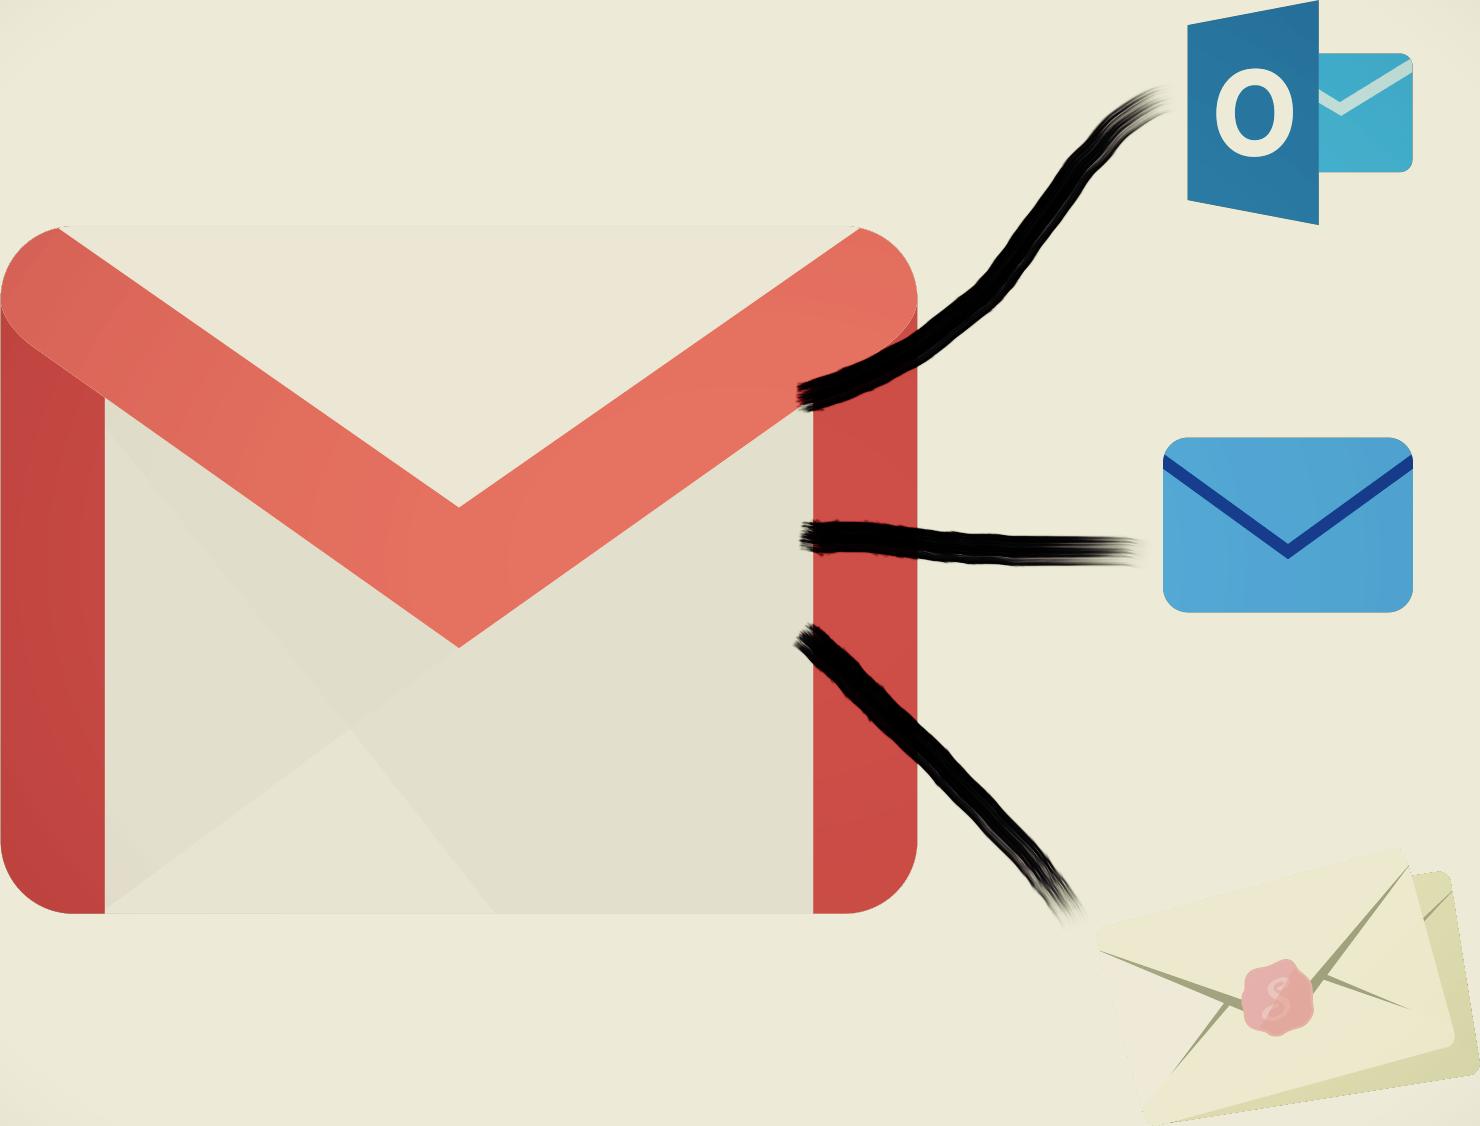 Gmailで複数メールアドレス送受信を行う-アイキャッチ